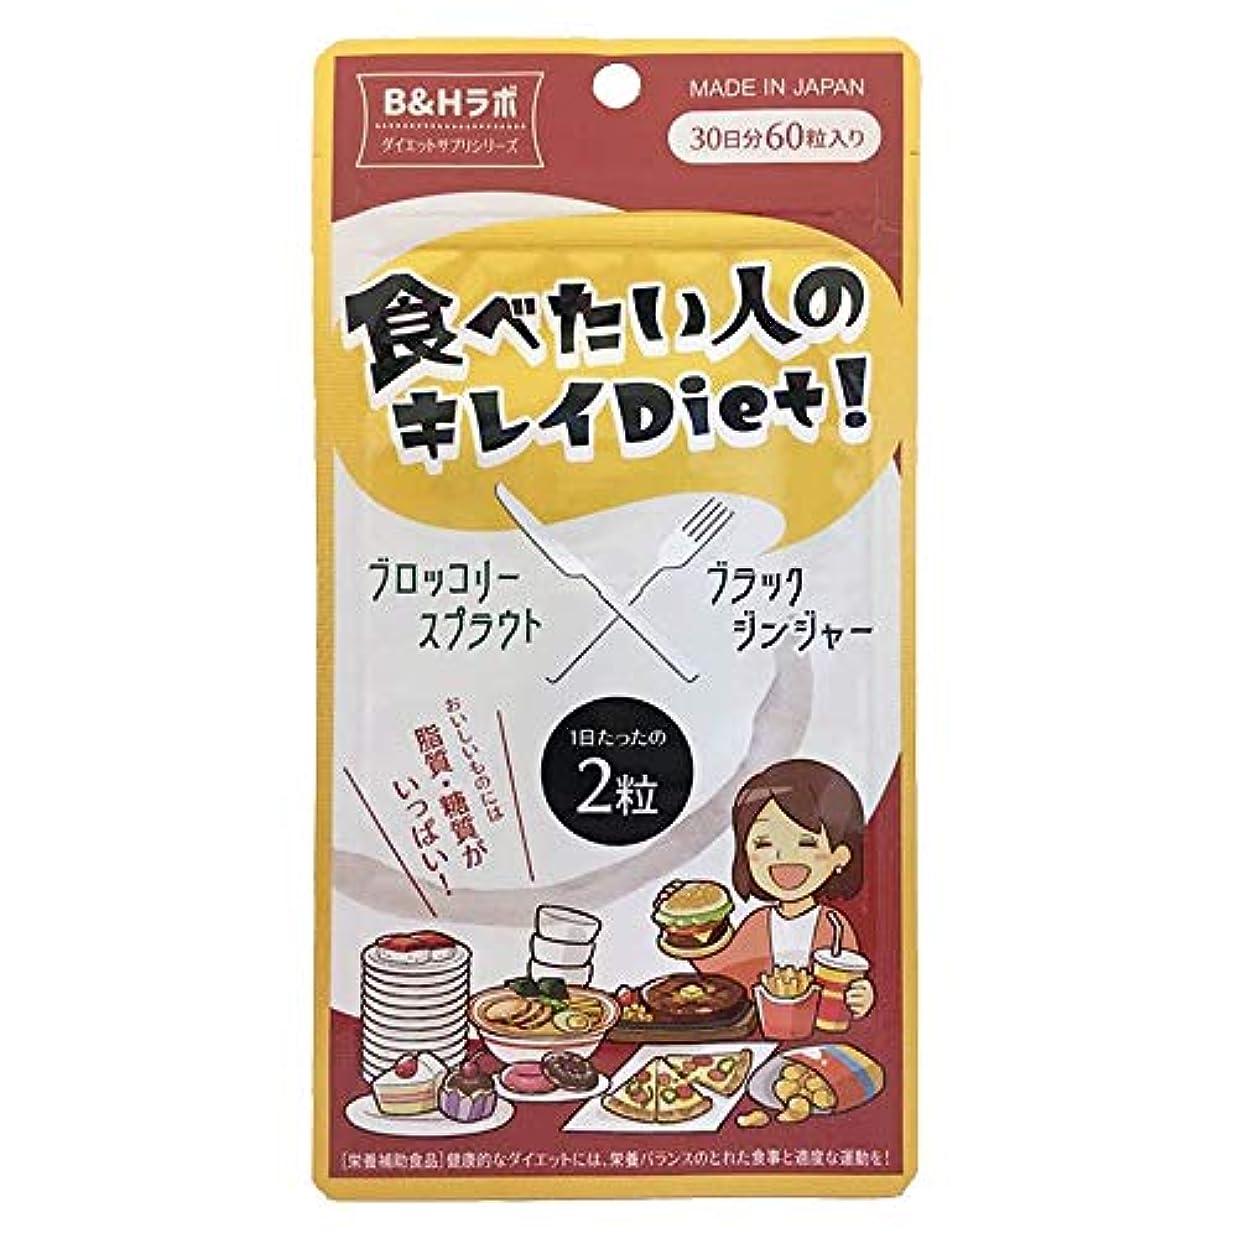 シャイニング序文スチュアート島食べたい人のキレイDiet! ブロッコリースプラウト×ブラックジンジャー ダイエットサプリ